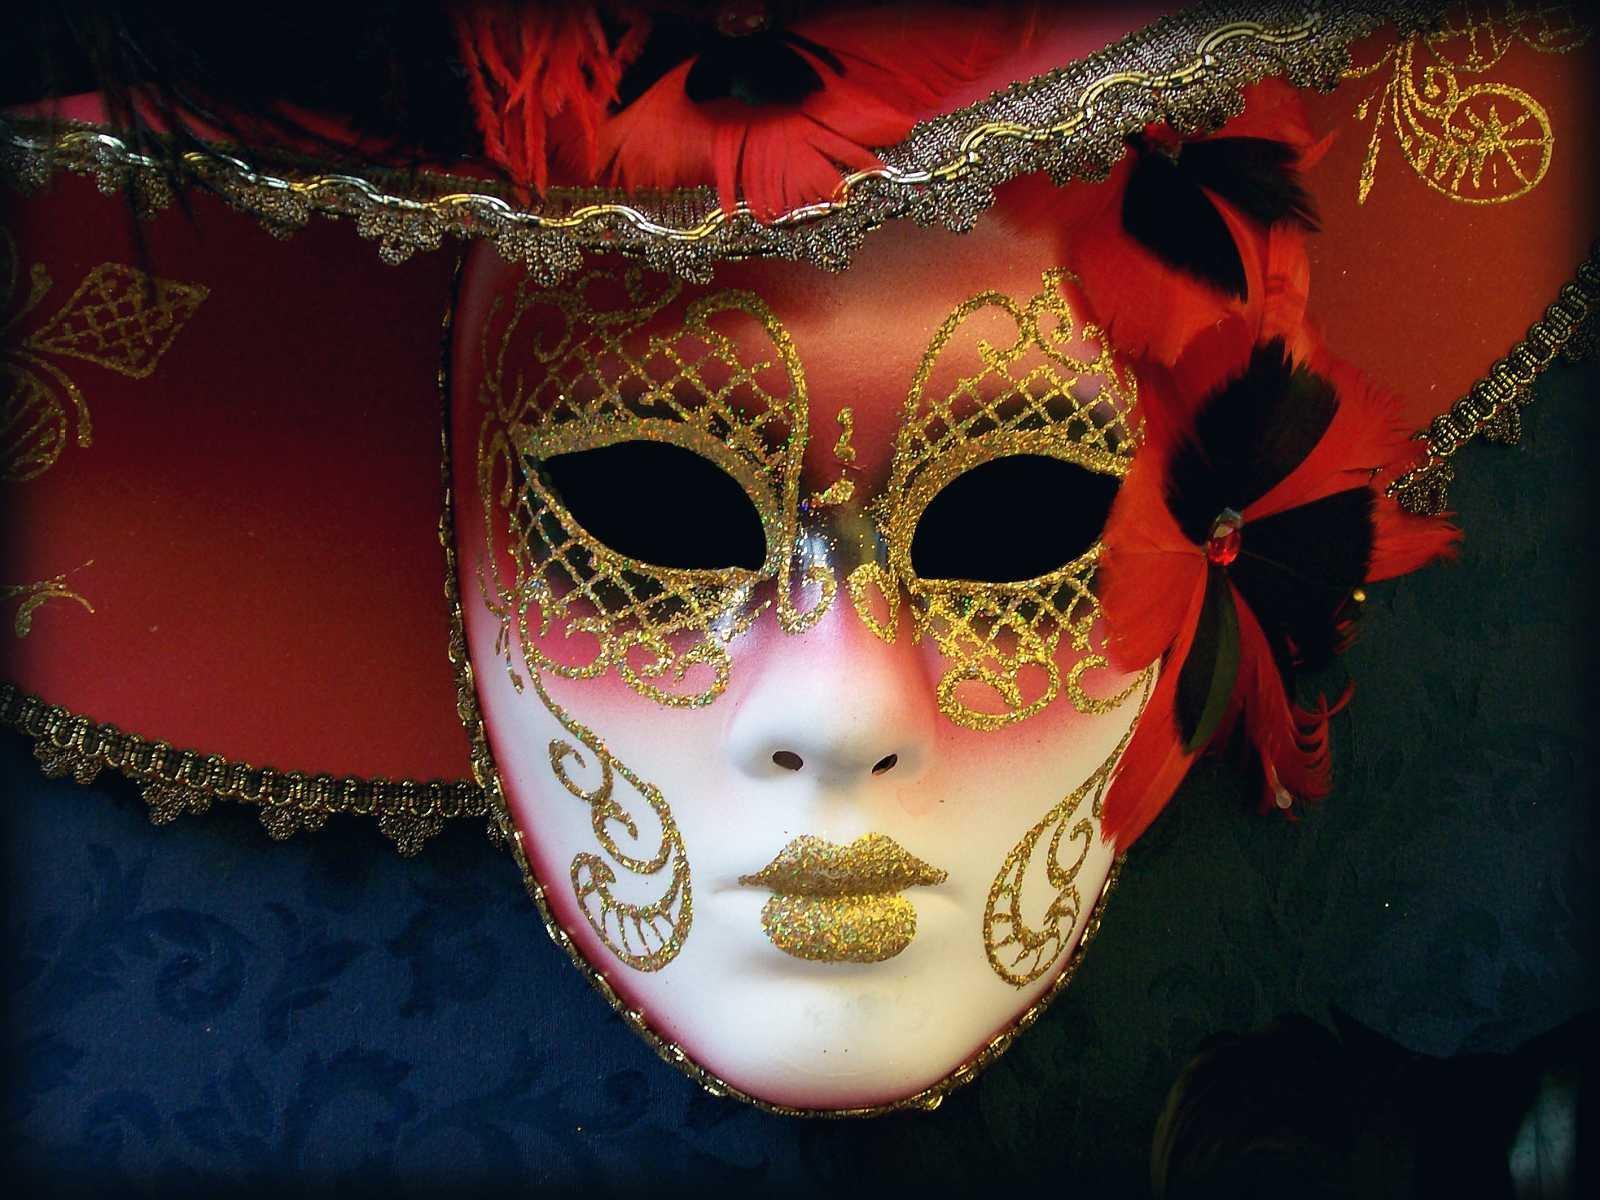 Las máscaras para la persona belita viteks